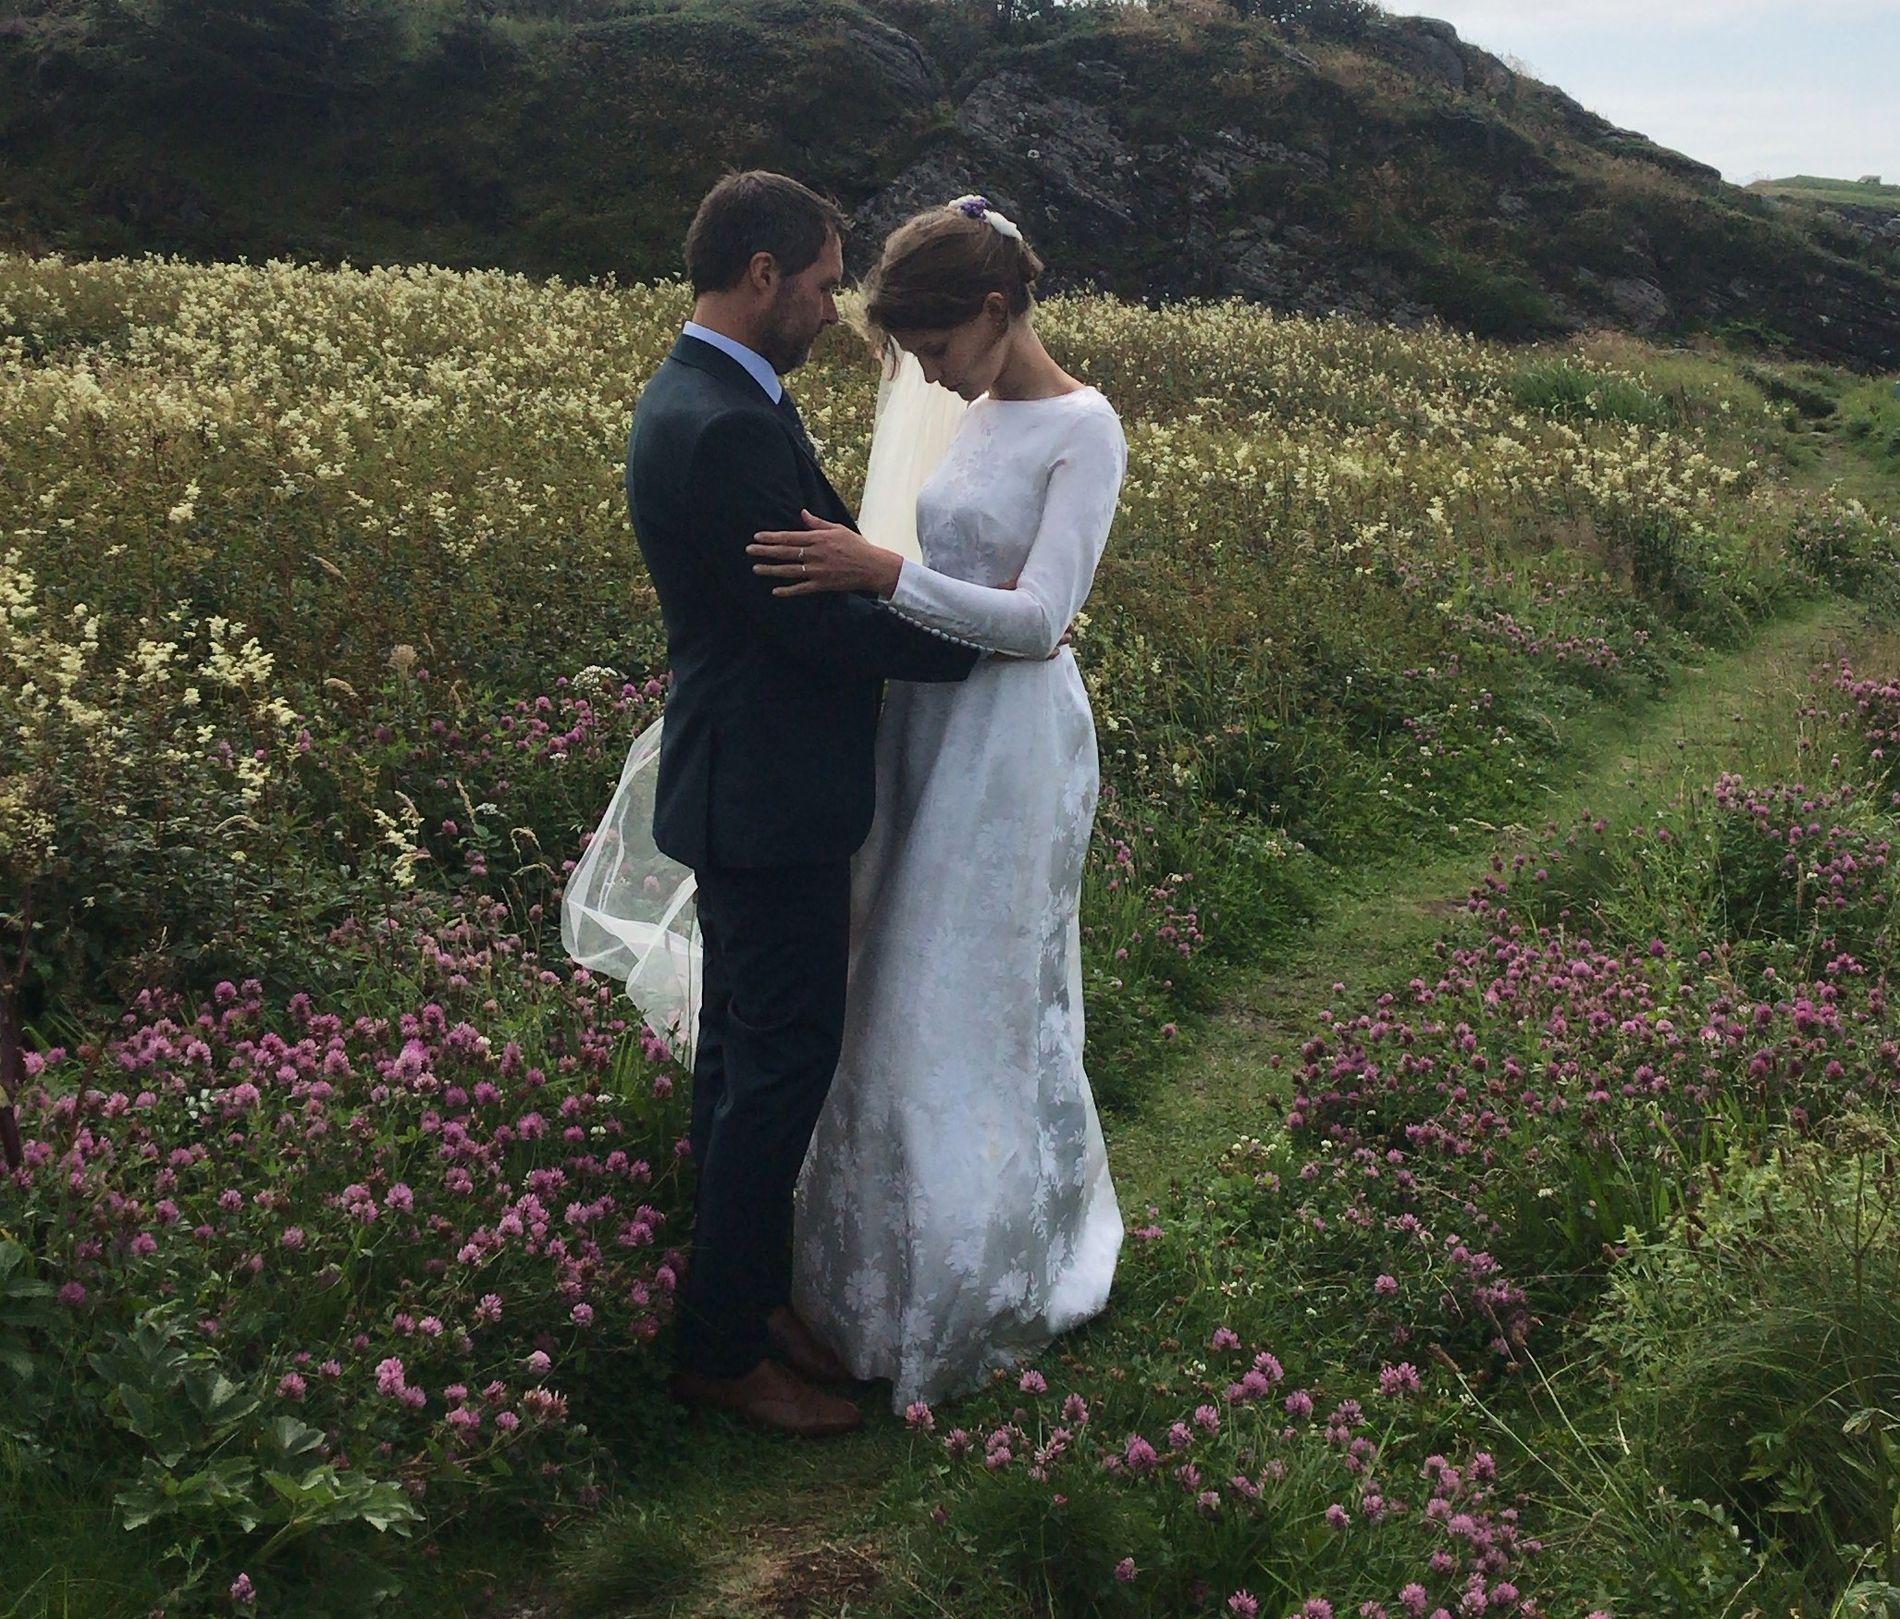 NYGIFT: Etter å ha vært kjærester i syv år takket Stian Kristiansen og Eili Harboe ja til å være kone og mann.